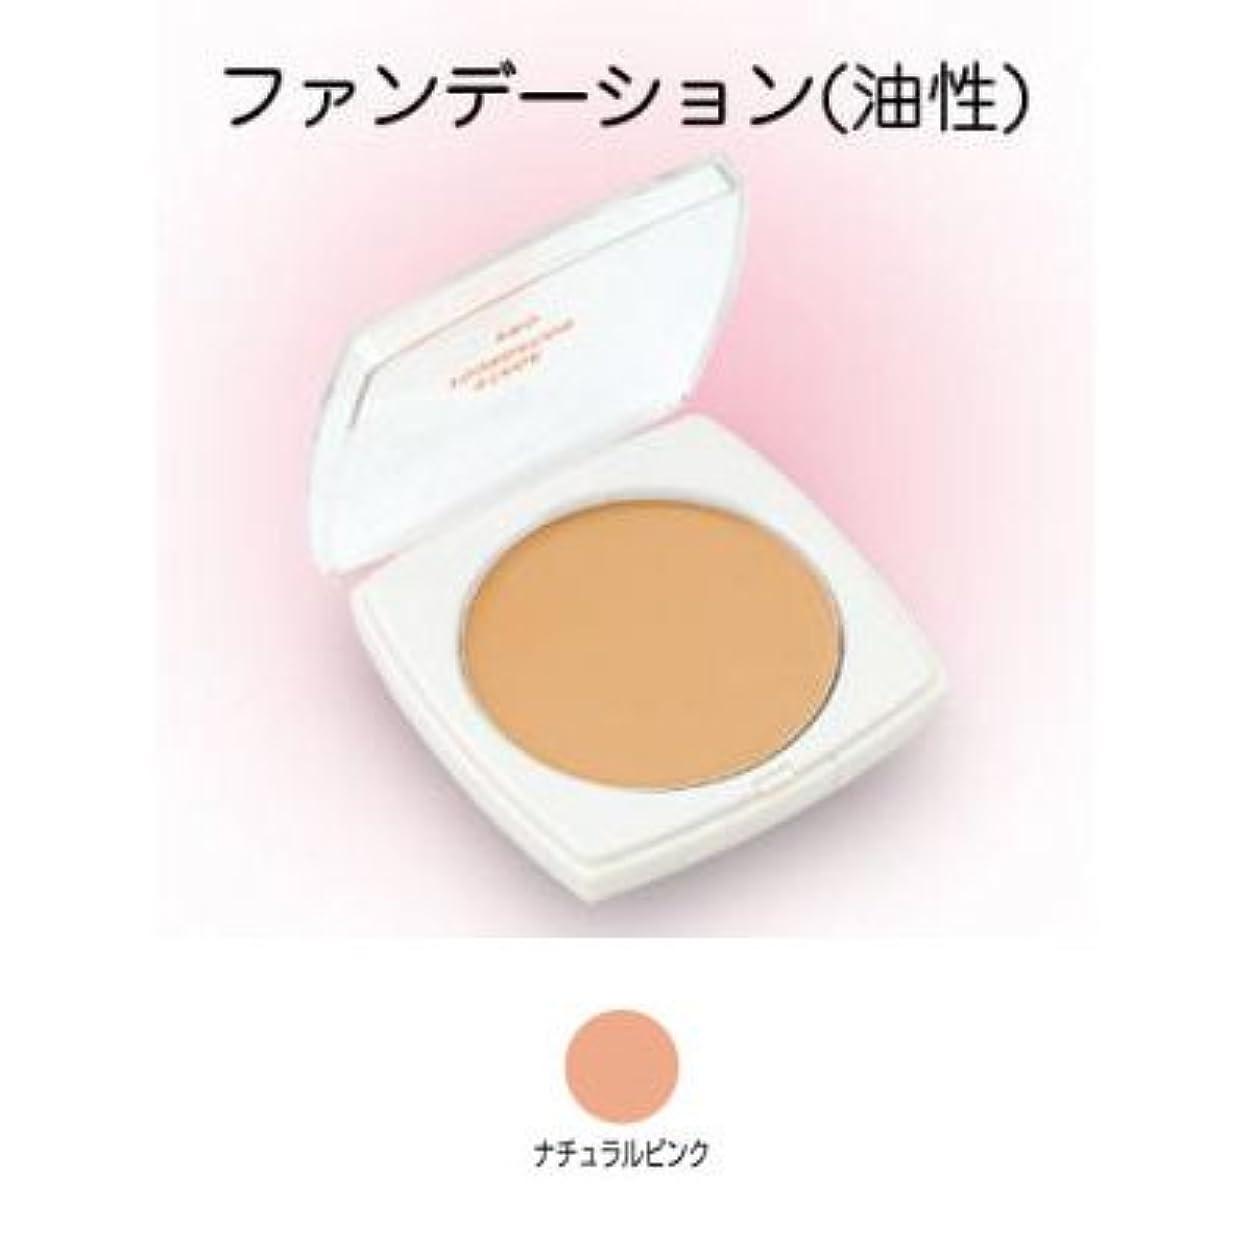 ラテンアロングラボステージファンデーション プロ 13g ナチュラルピンク 【三善】